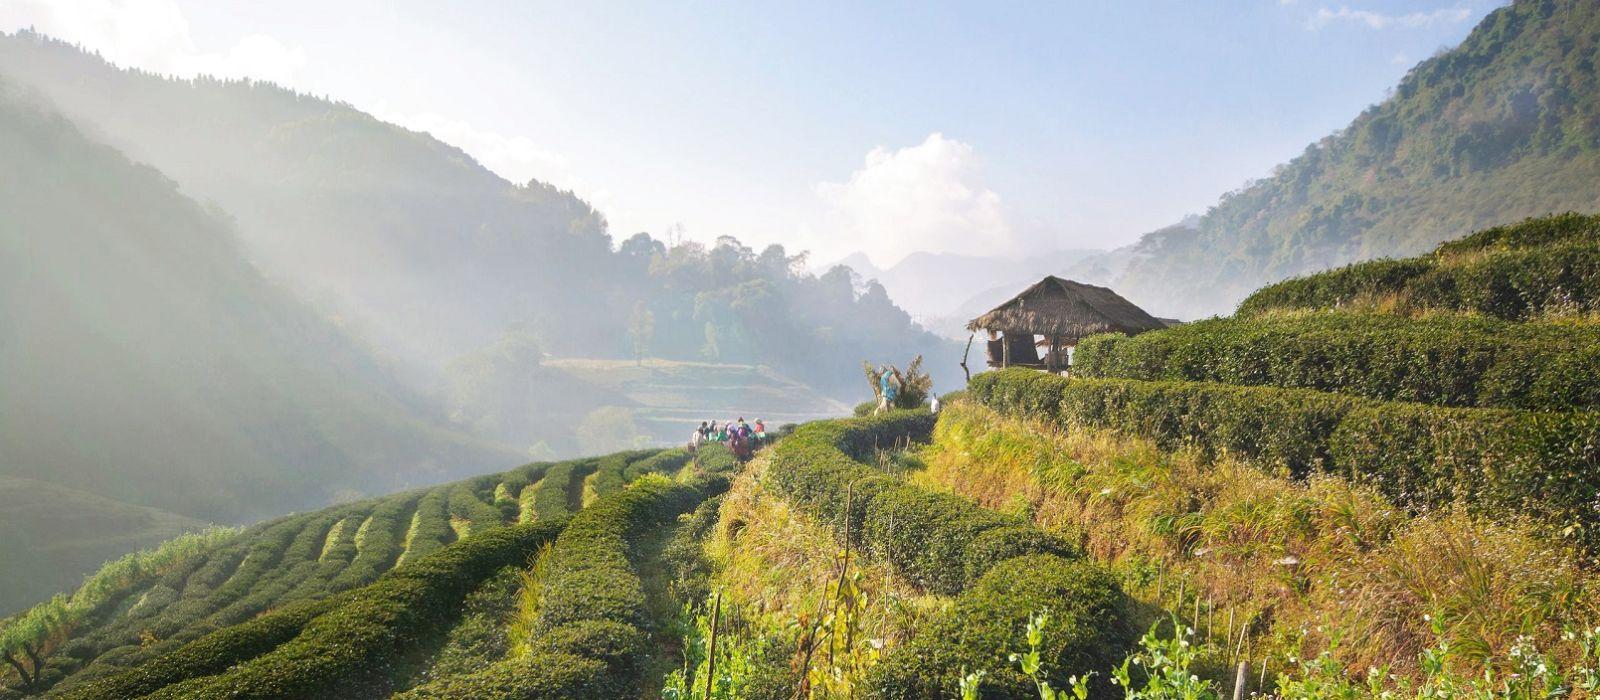 Thailands Norden und der Strand von Koh Samui Urlaub 4